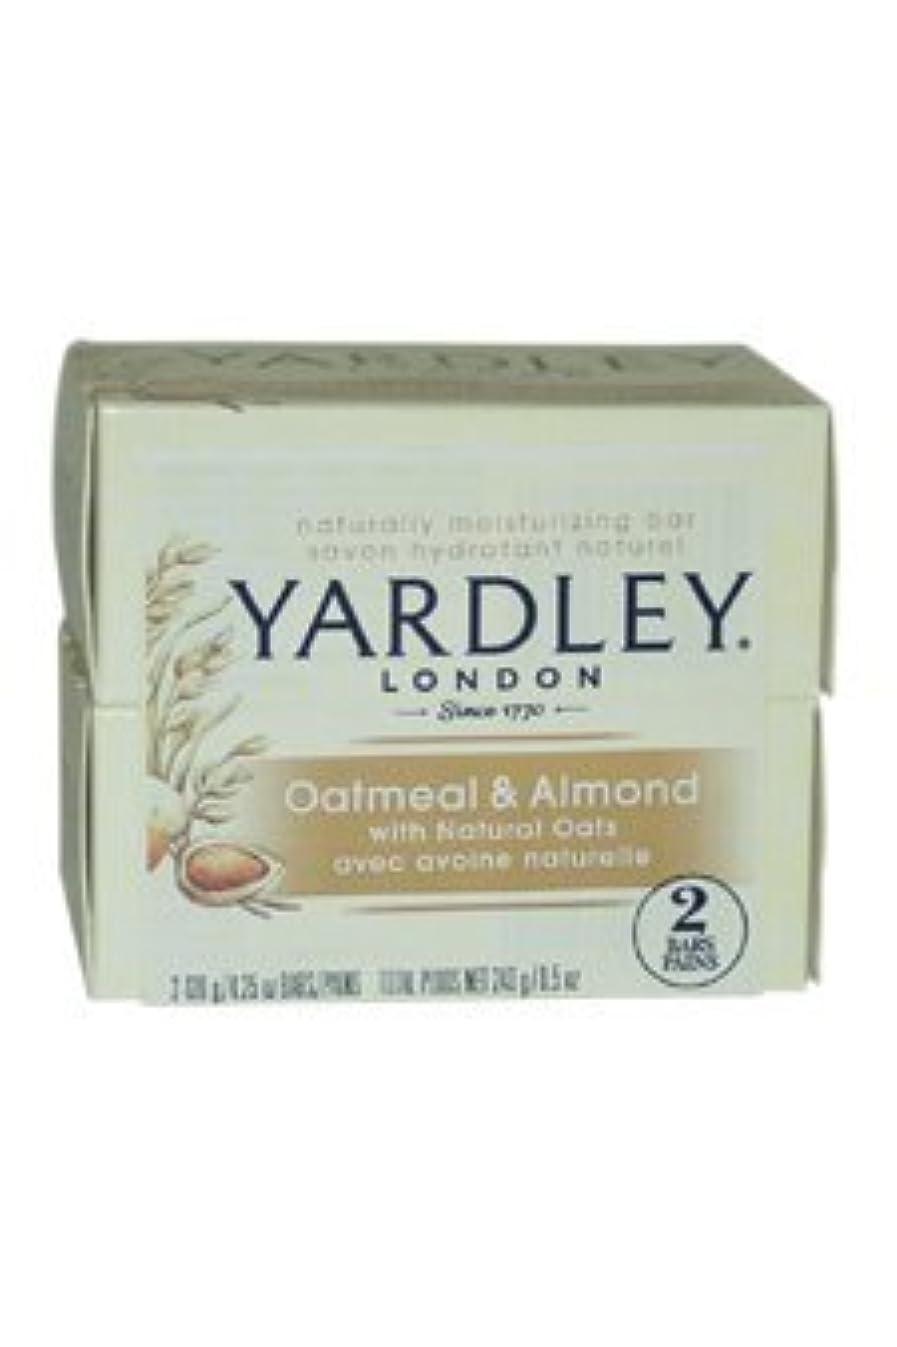 主婦かご柱Oatmeal and Almond Bar Soap by Yardley - 2 x 4.25 oz Soap by Yardley [並行輸入品]